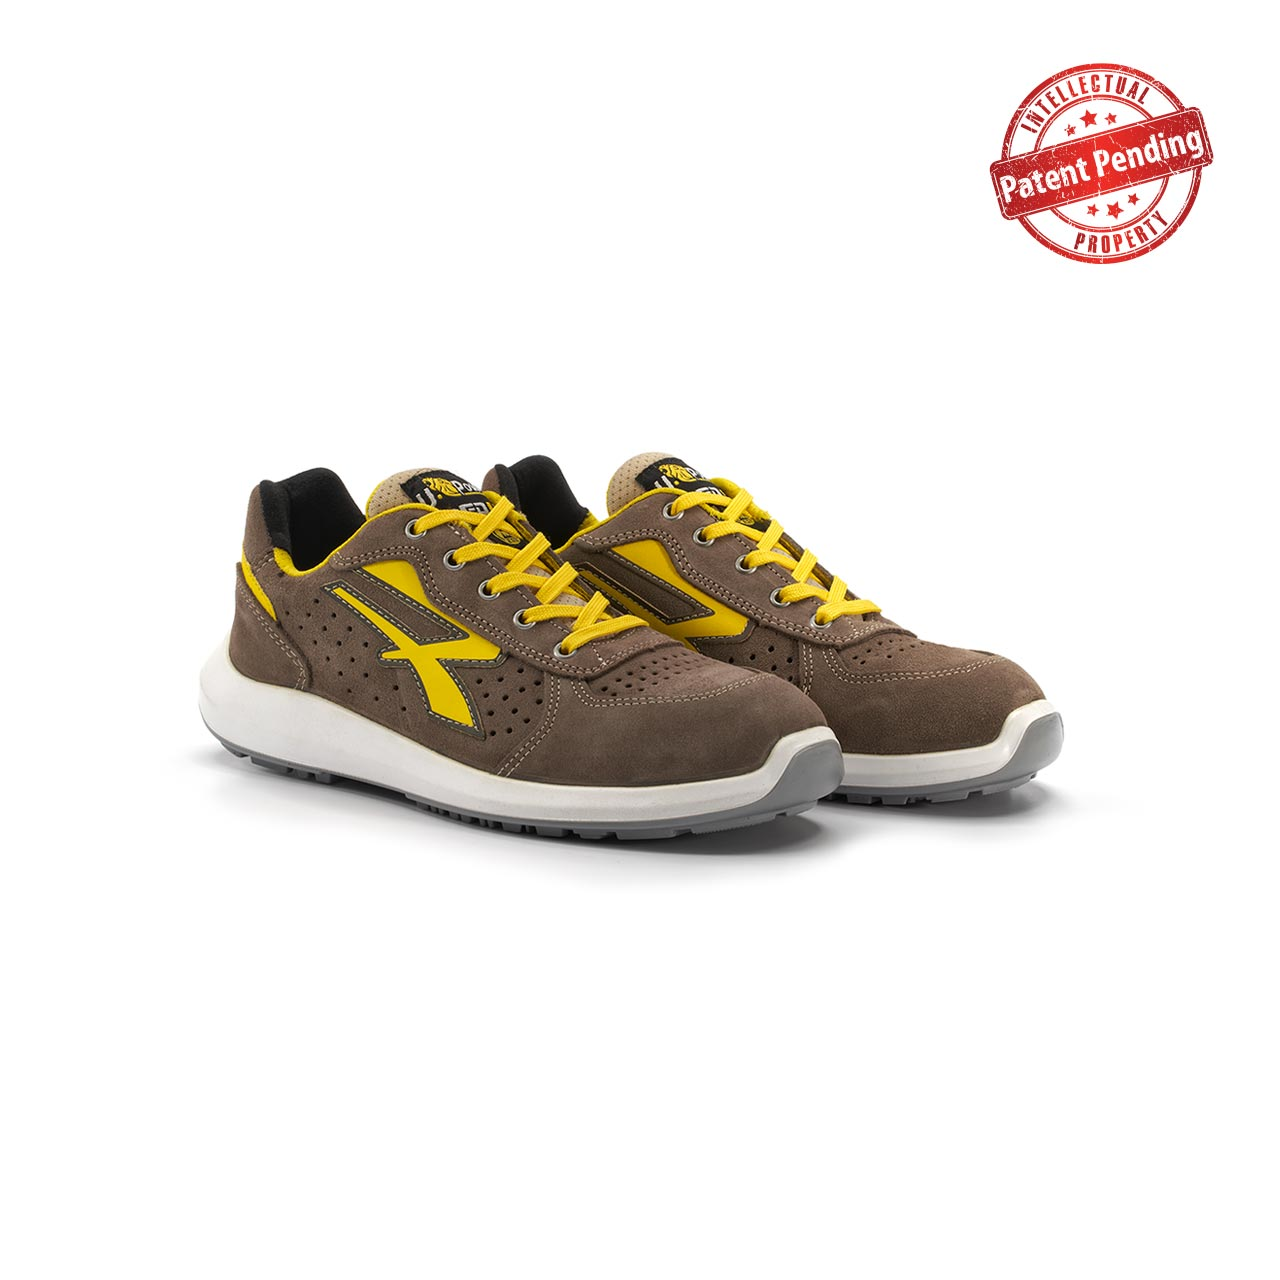 paio di scarpe antinfortunistiche upower modello dorado linea redup vista prospettica